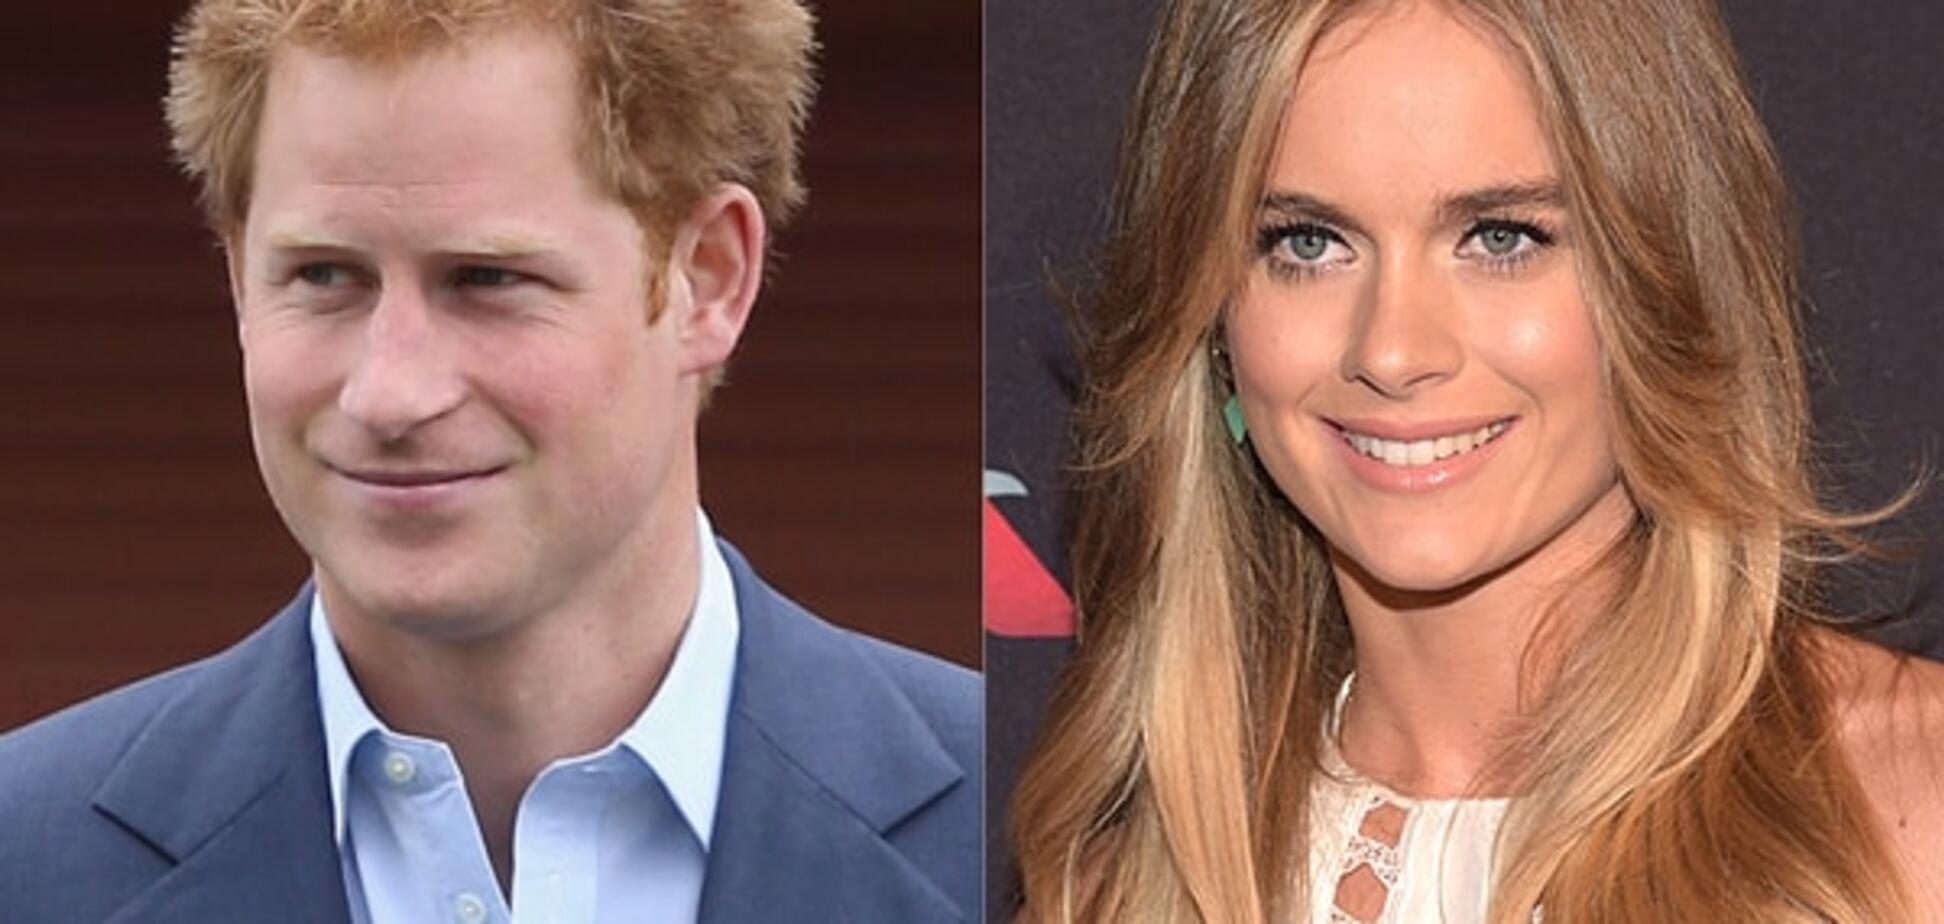 Принц Гарри отметил день рождения в пабе со своей бывшей девушкой